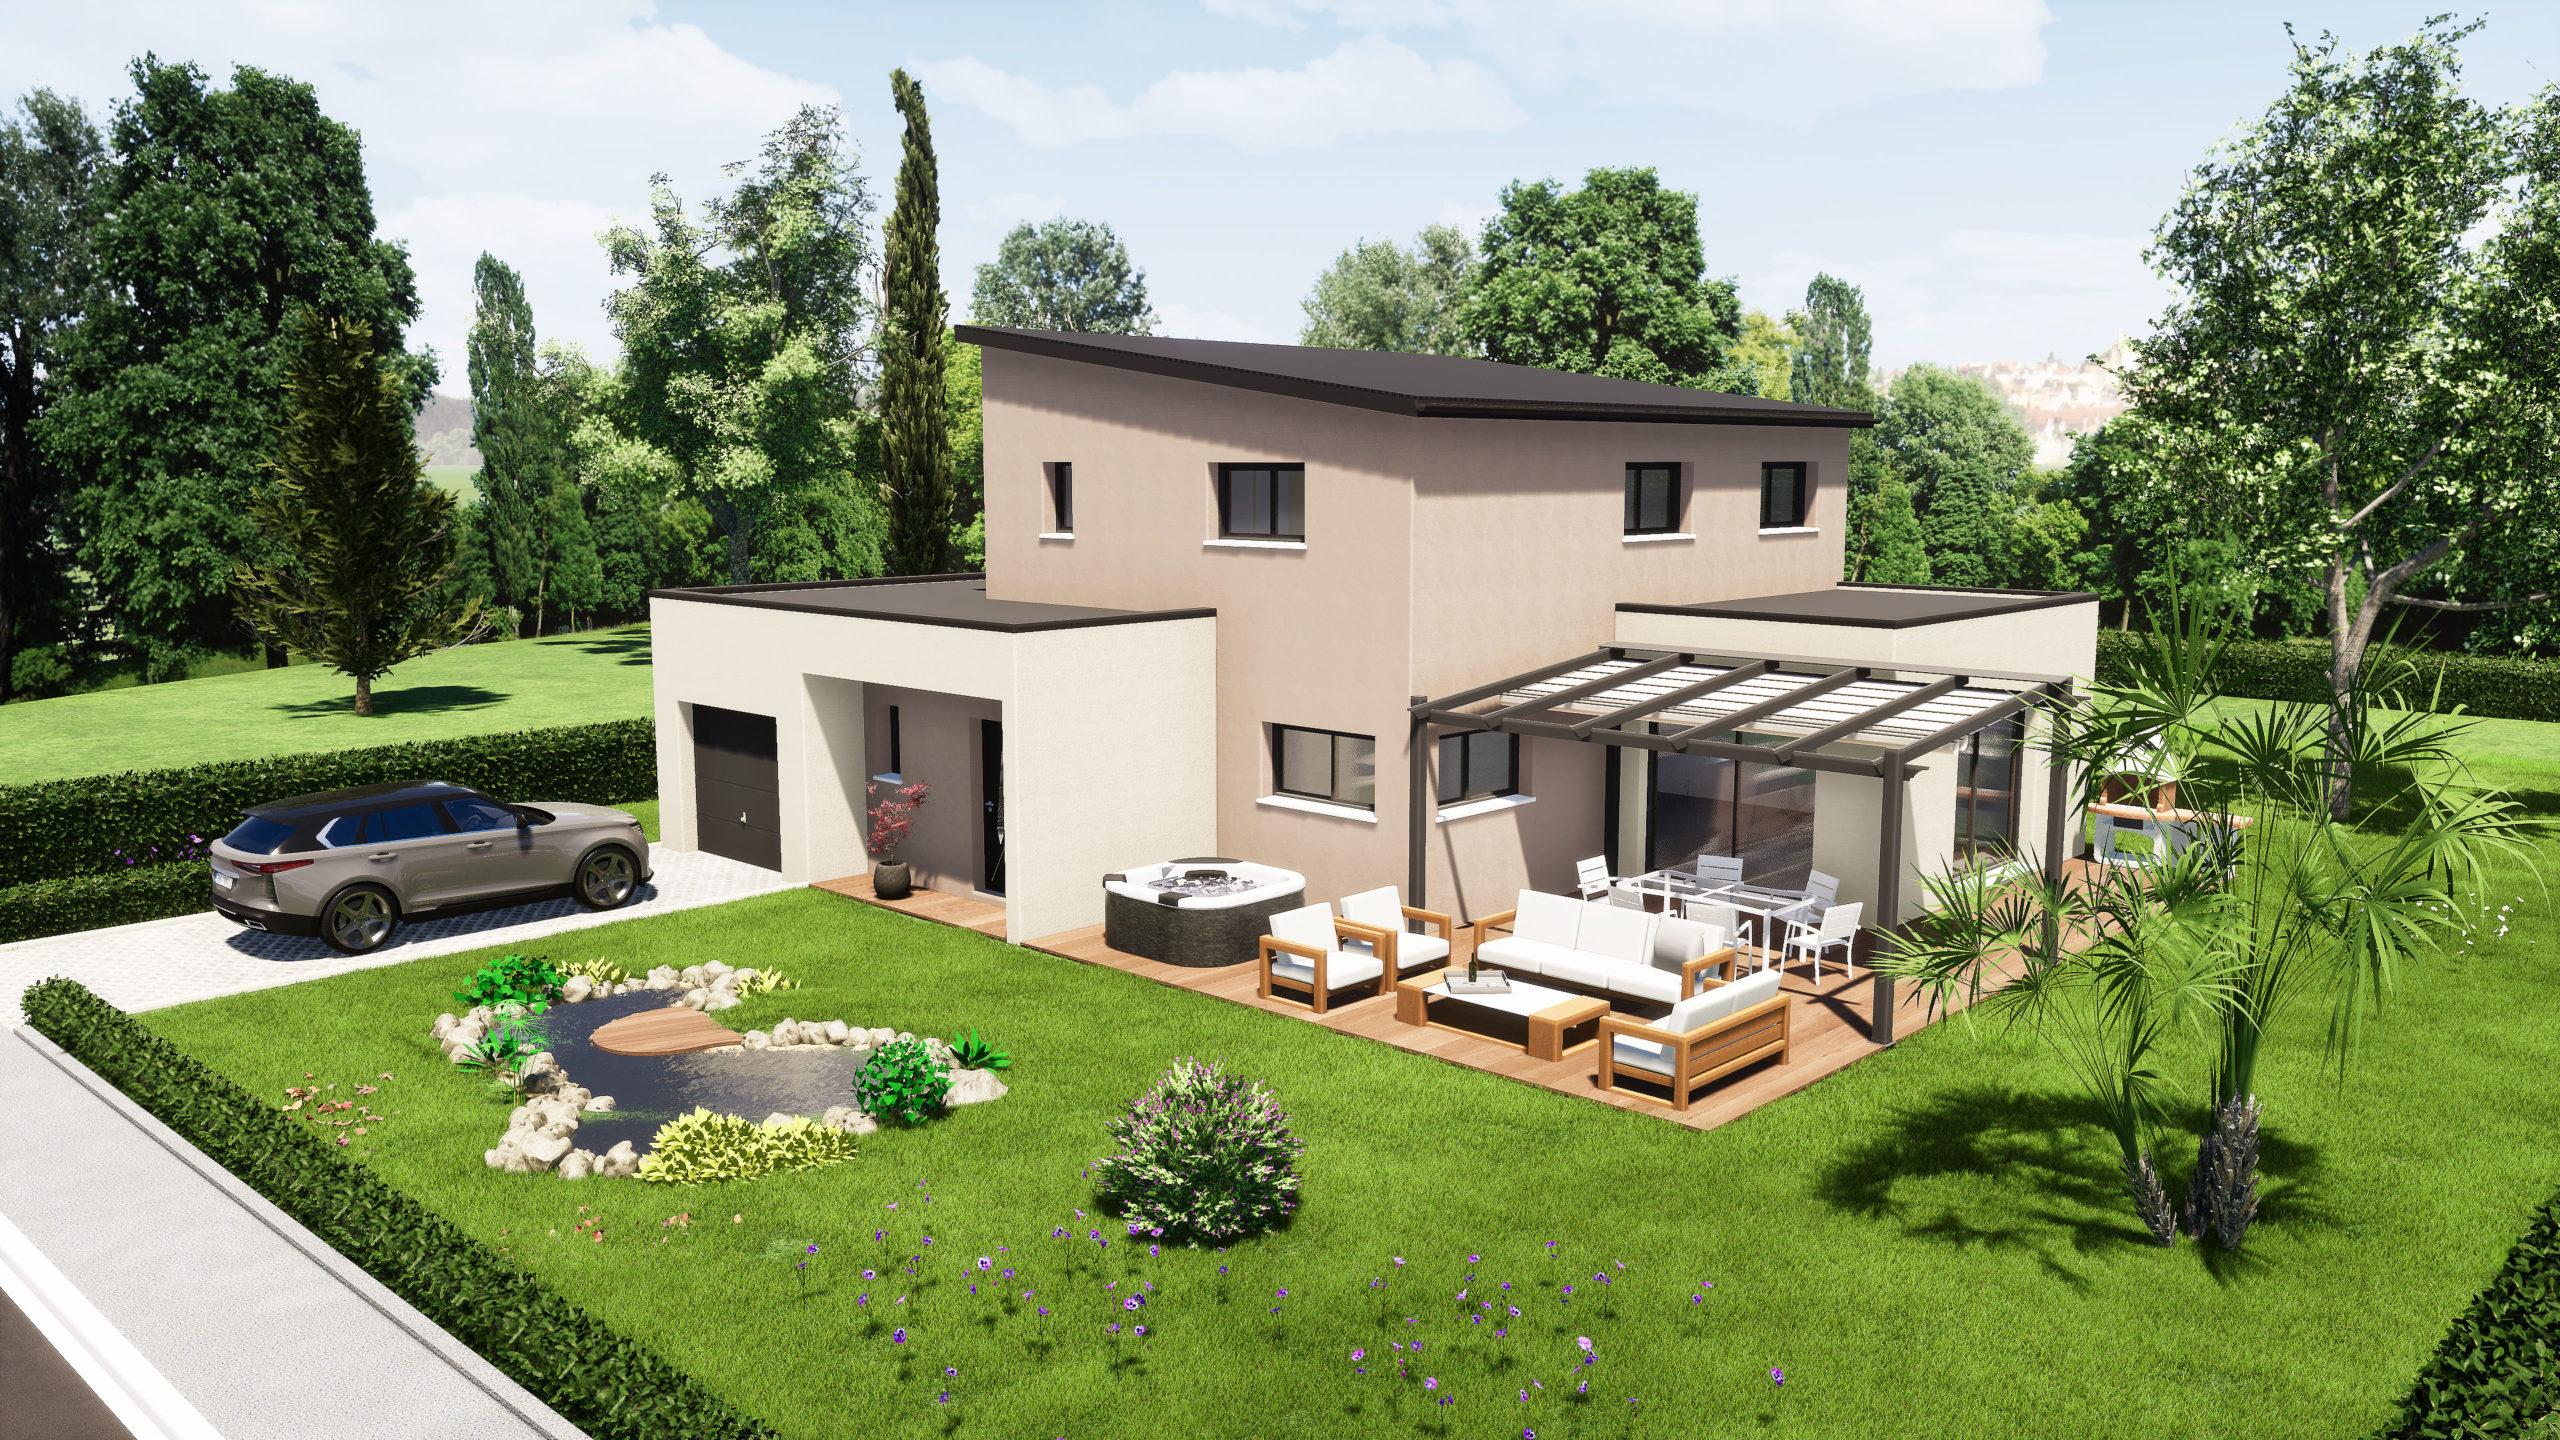 Modèle maisons Sargès-les-le-Mans 72190 façade arrière 2 maison R+1 5 chambres constructeur maison le mans constructeur maison en sarthe maisons LG